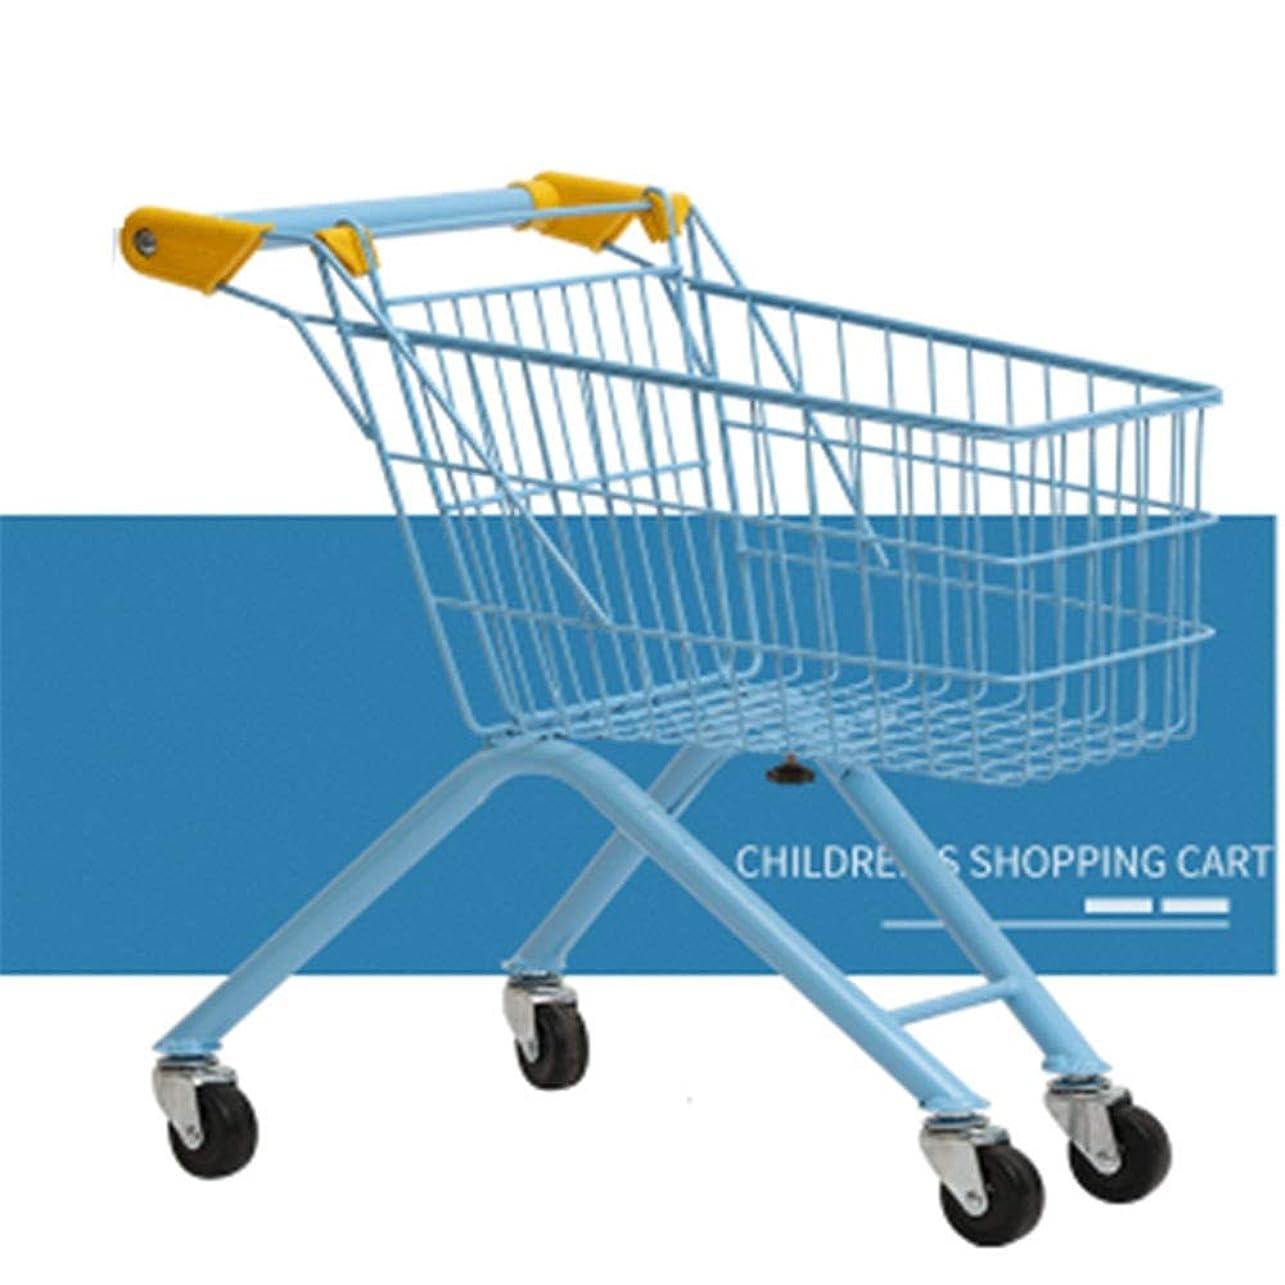 拡散するゆでるエピソードショッピングカートのおもちゃ 折りたたみ子供のスーパーマーケットのショッピングカートミニハウスを再生する大規模なおもちゃのトロリー ショッピングカートモデルの子供用カート (色 : 青, Size : 49x32x54CM)